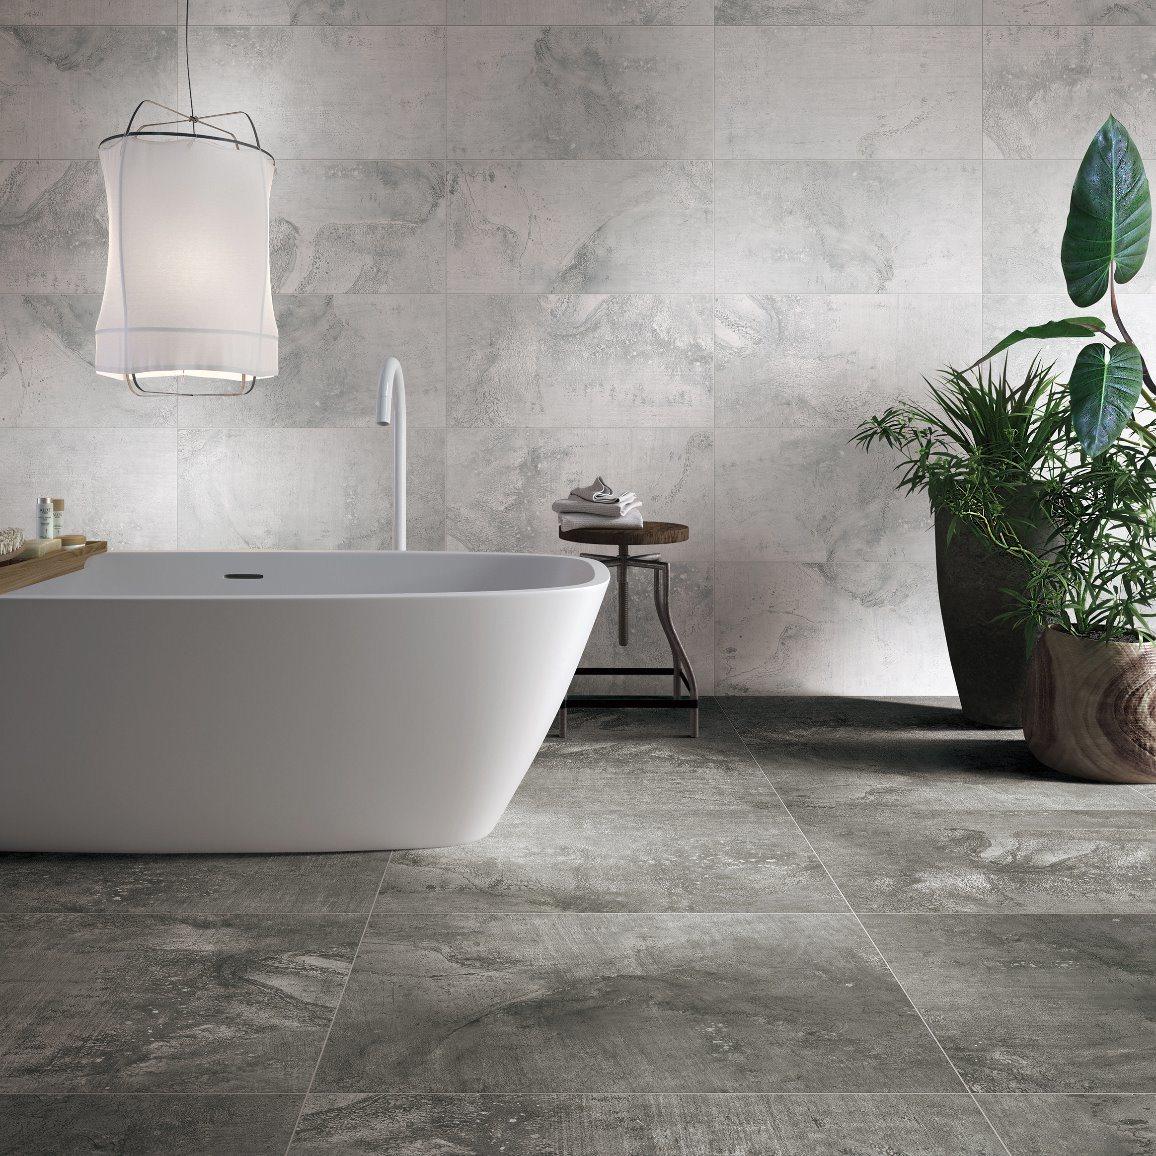 How Much Is It To Tile A Bathroom Floor | Floor Tiles